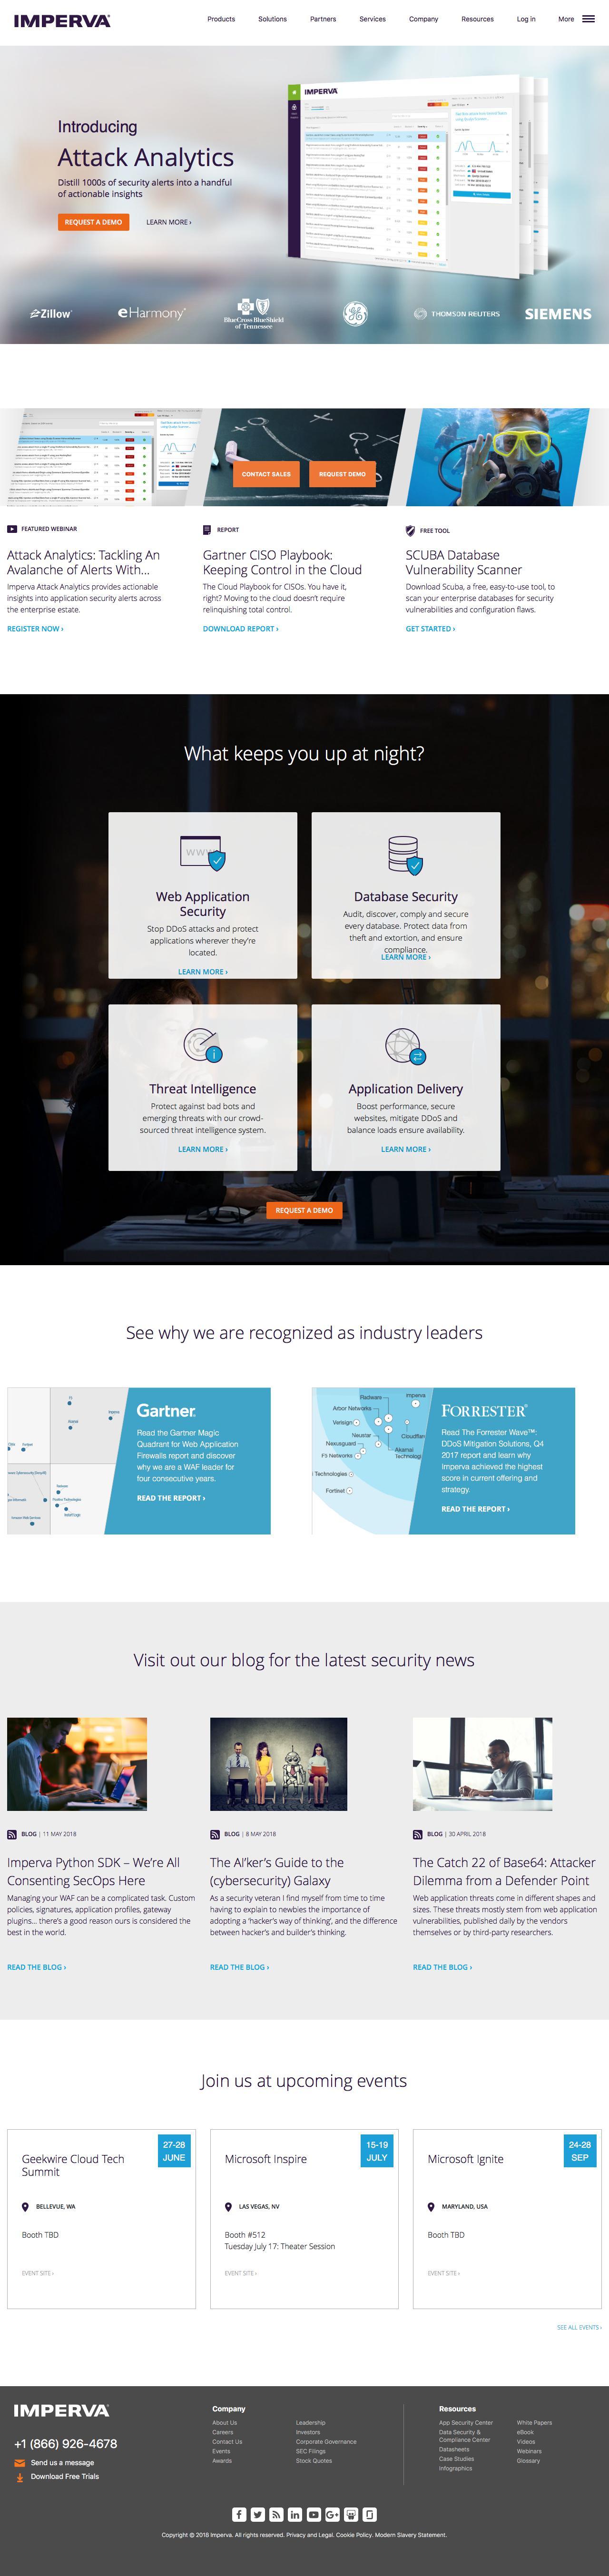 Screenshot of imperva.com - Cyber Security Leader   Imperva, Inc. - captured June 26, 2018